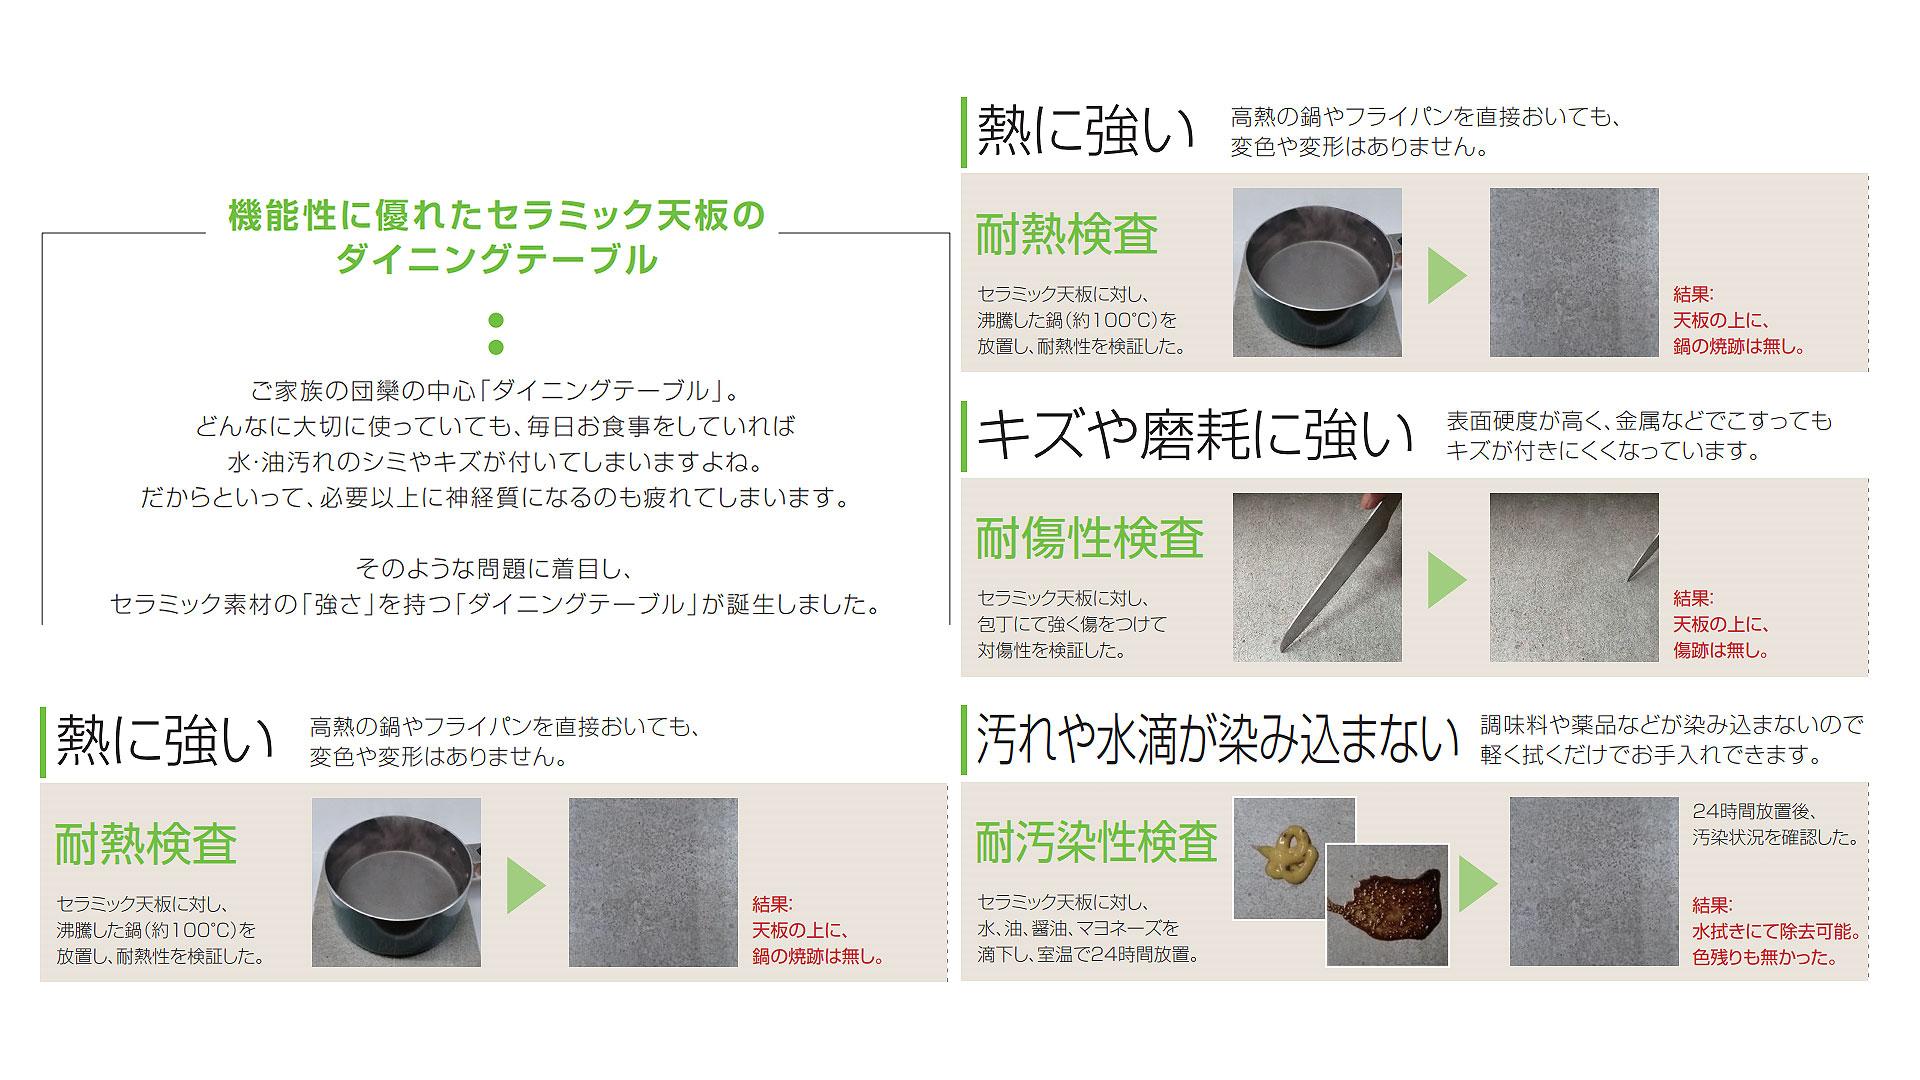 セラミックテーブルのセラミックの説明画像